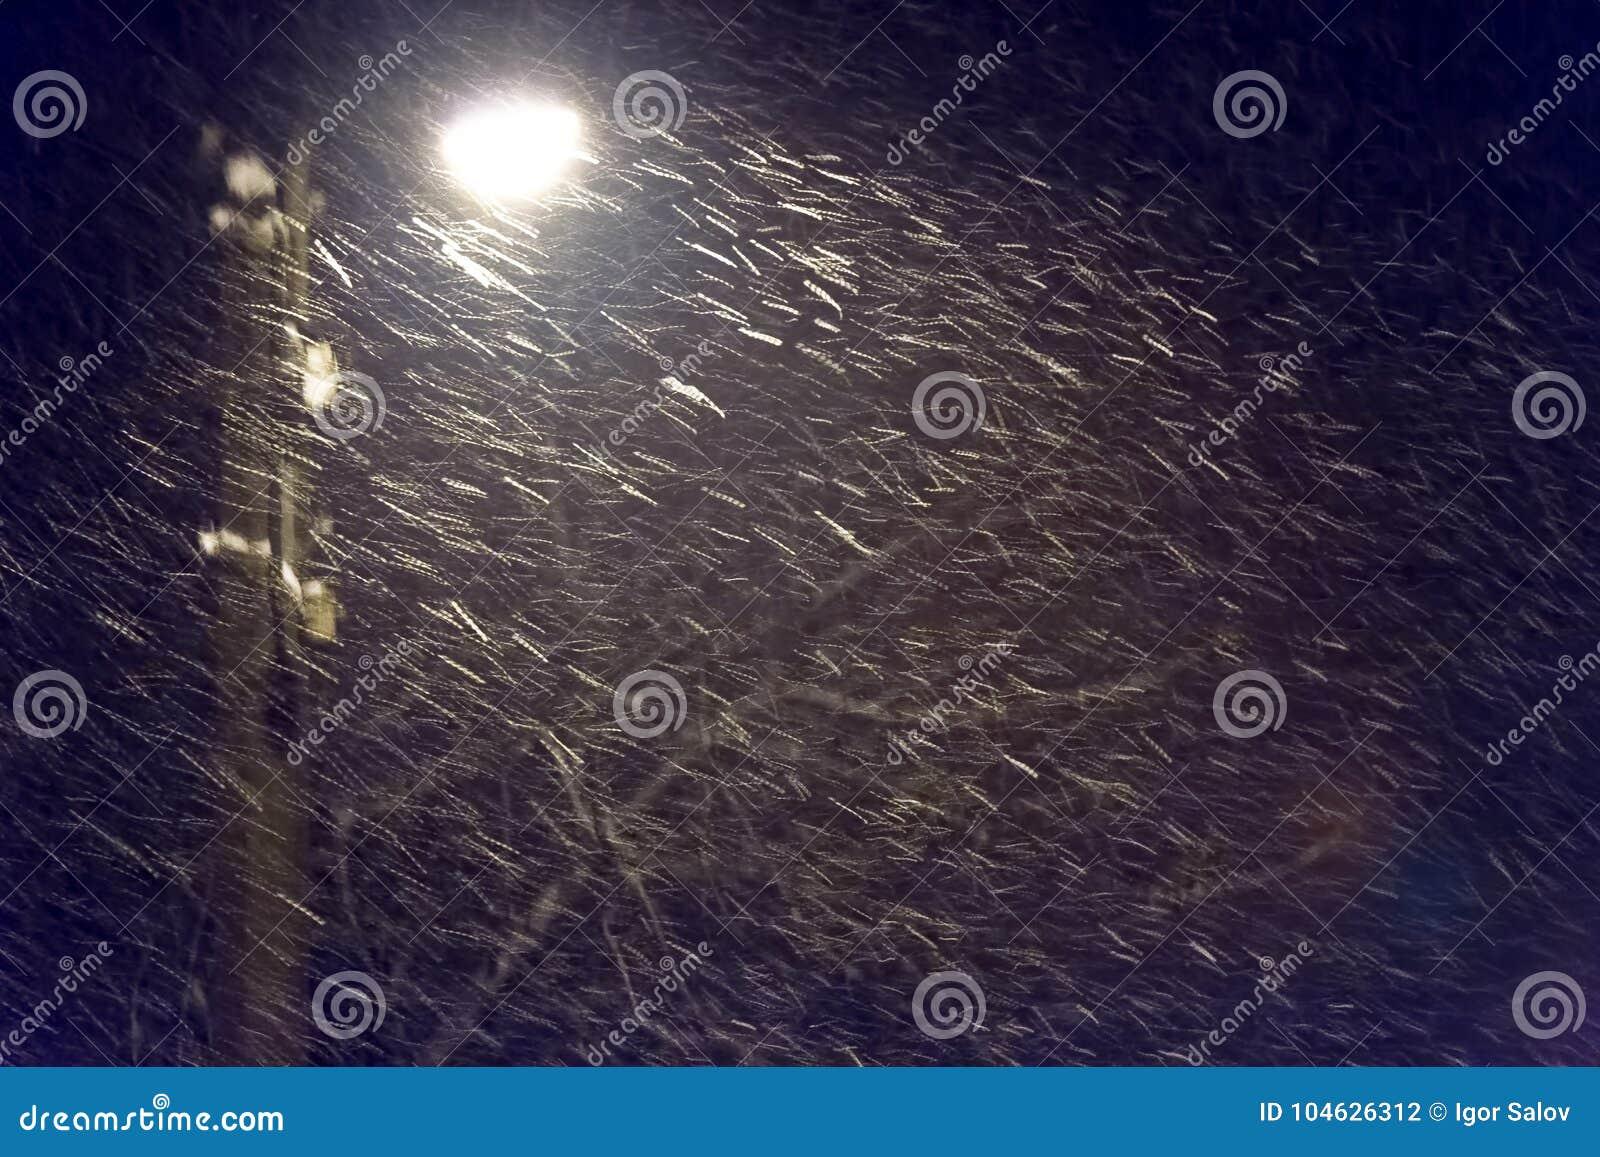 Download Avondsneeuwstorm Als Achtergrond Stock Foto - Afbeelding bestaande uit outdoors, vorst: 104626312